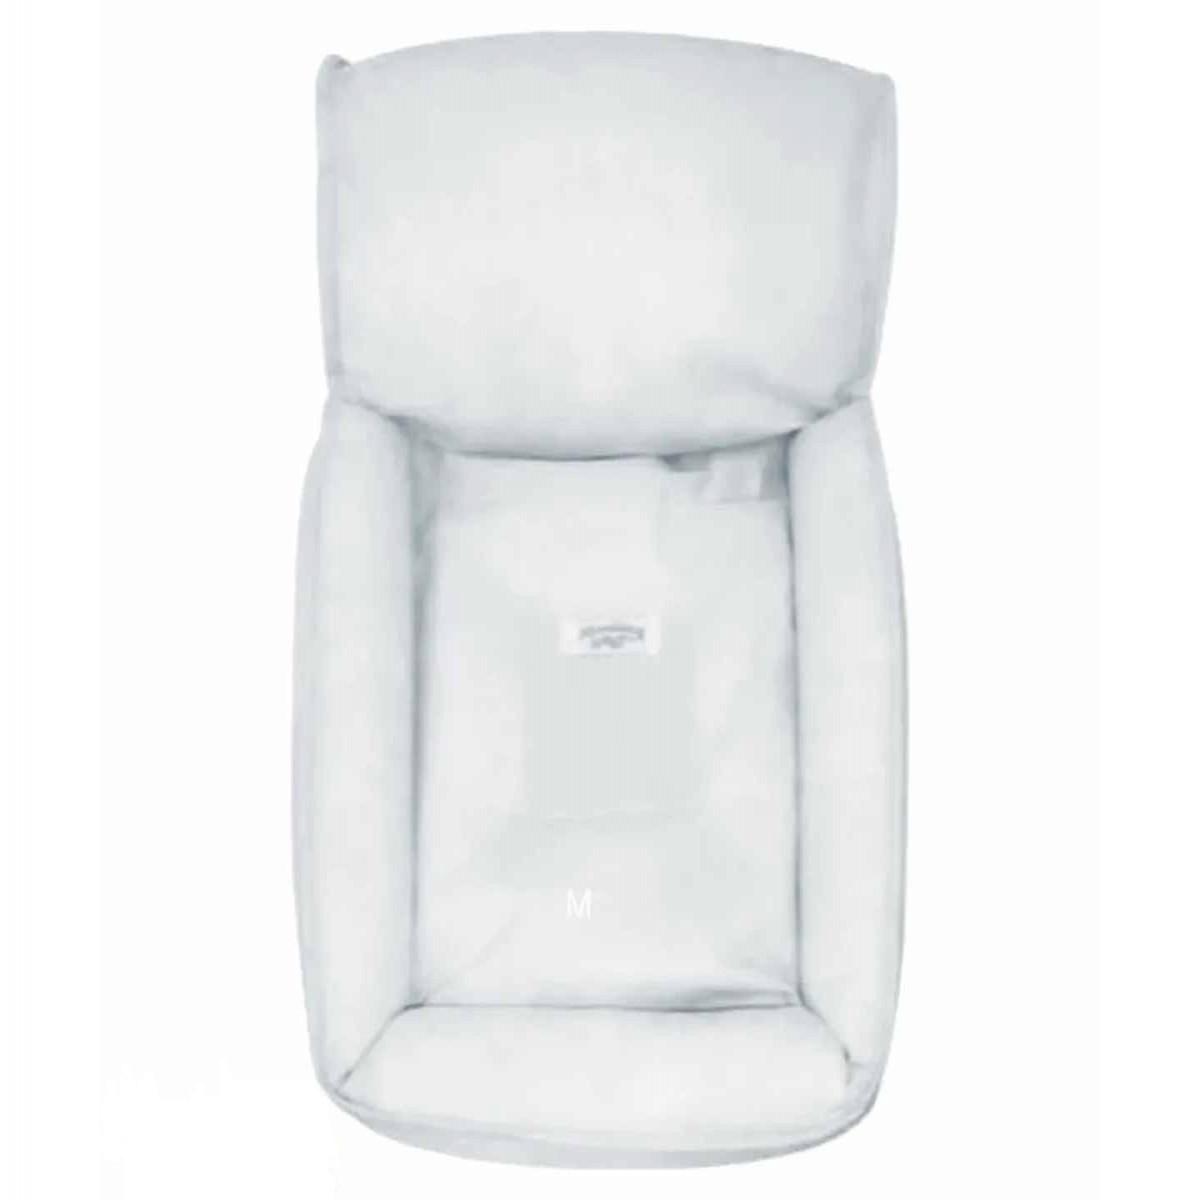 Flotador para bañera  blanco